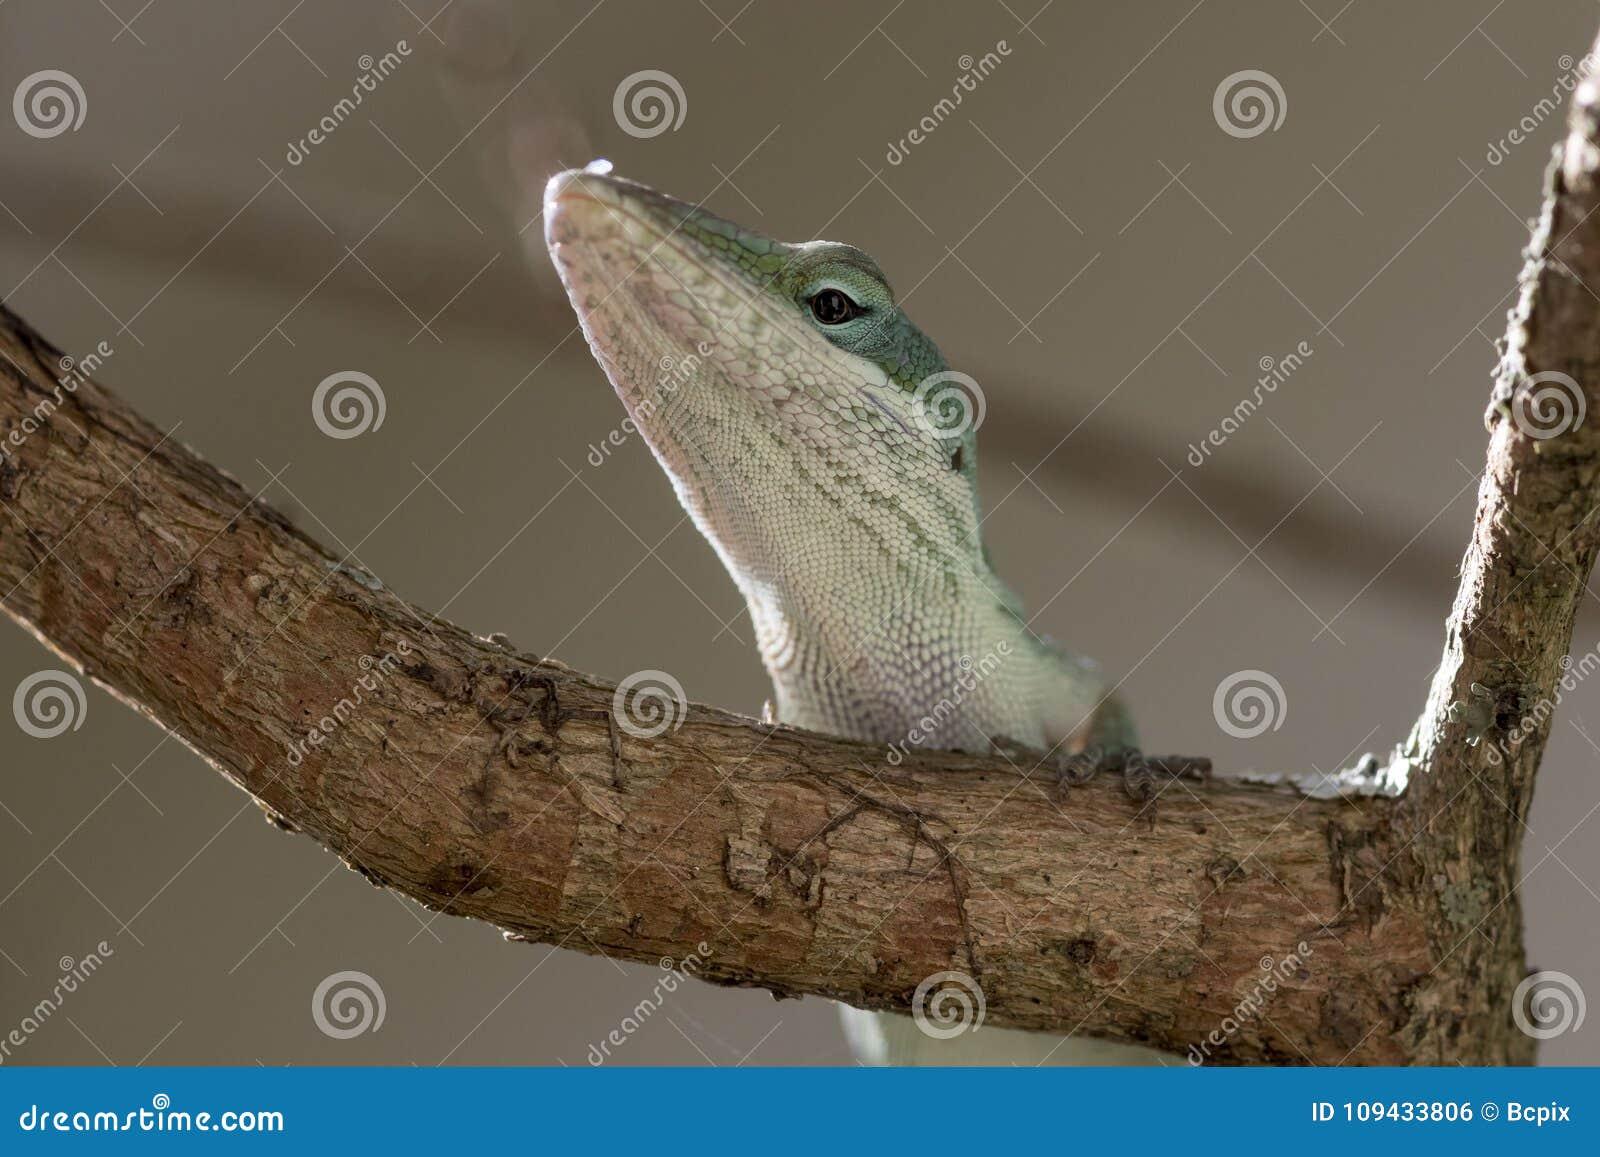 Green Anole Portrait